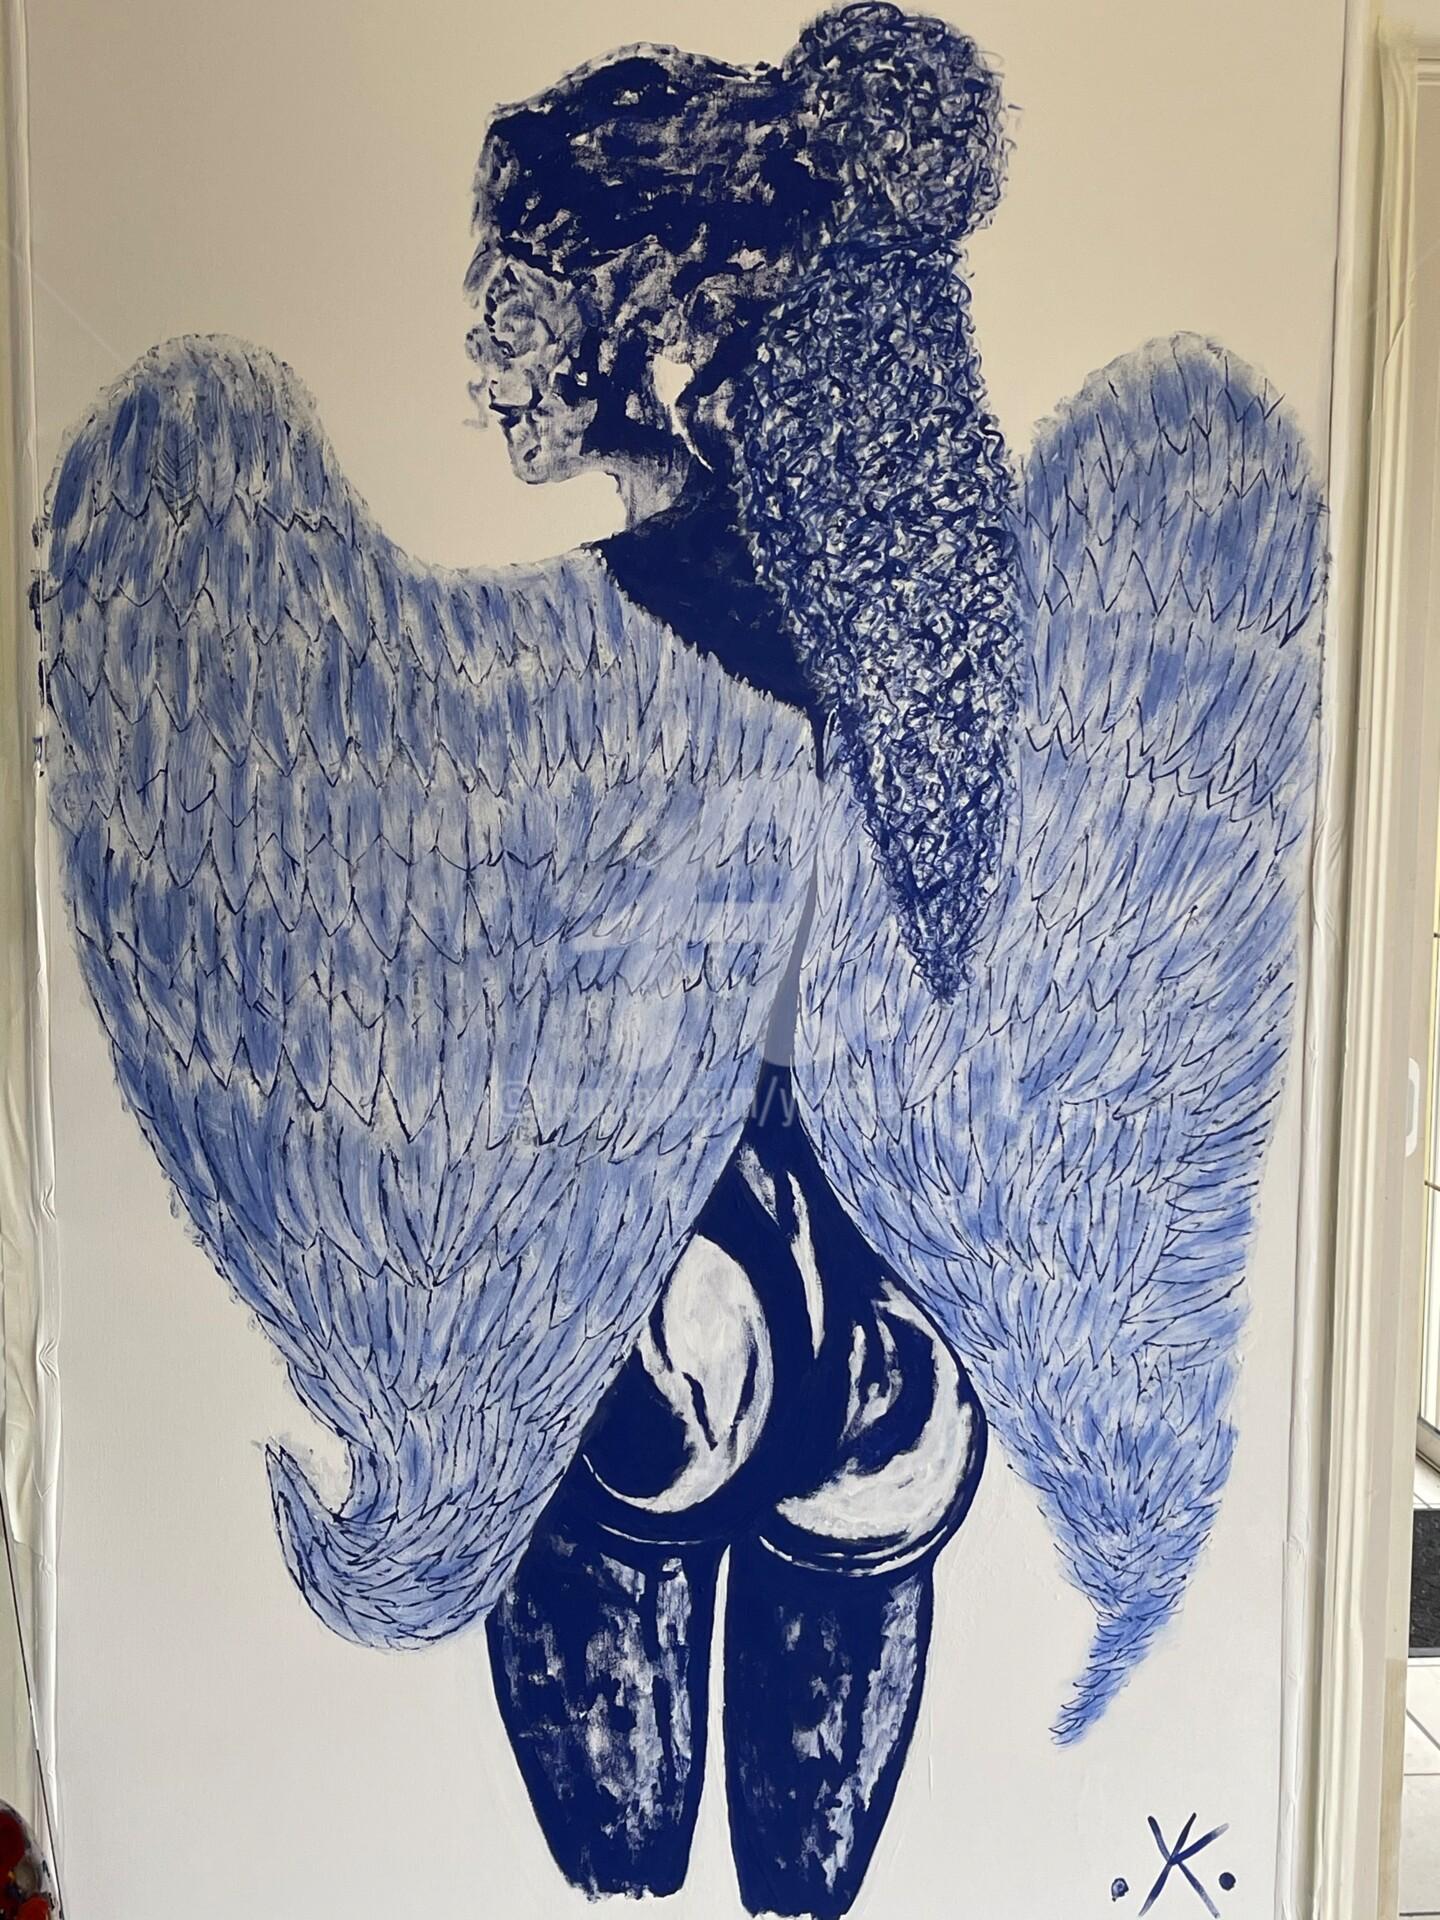 Yk - Blue angel